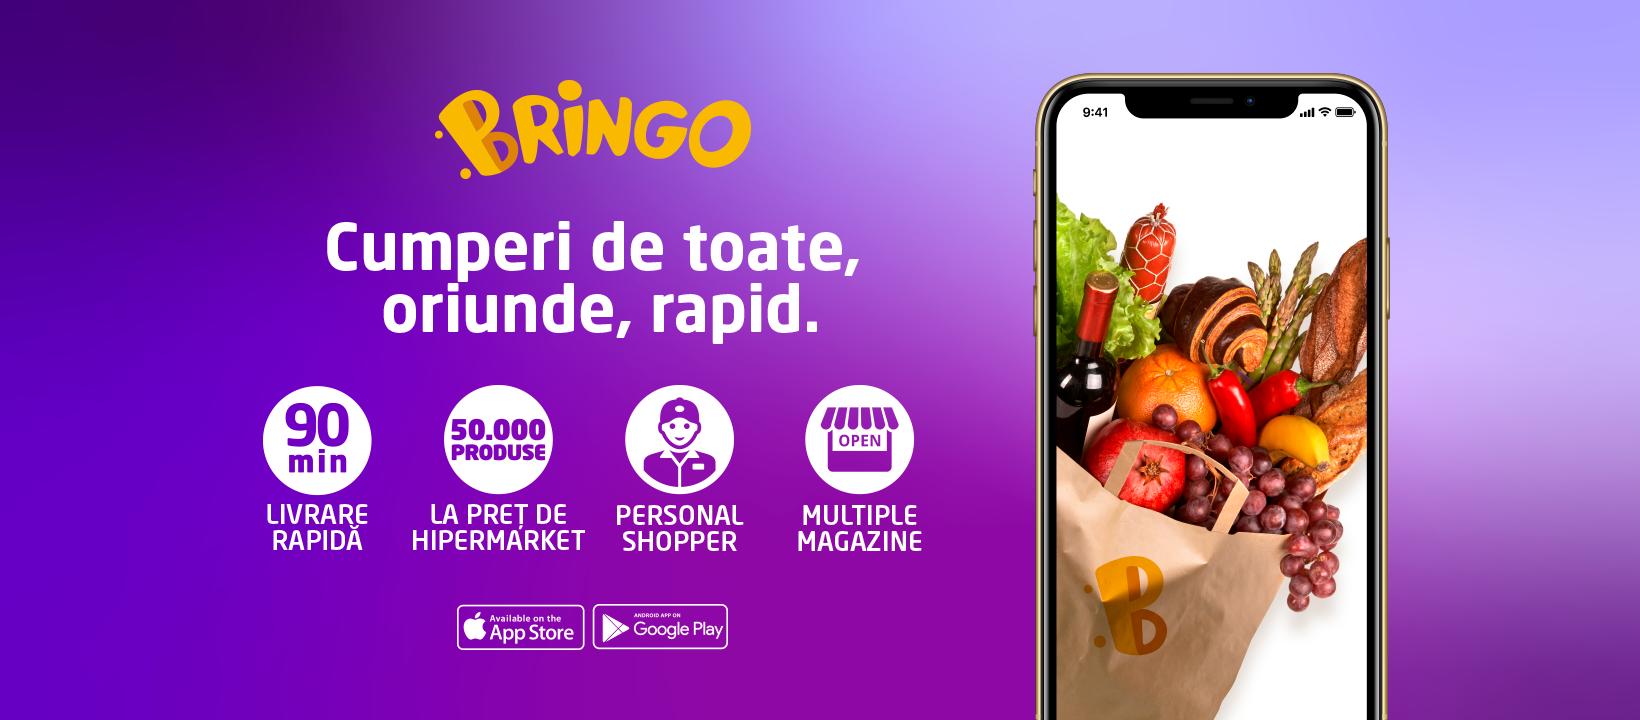 Bringo își extinde aria de livrare în 23 de orașe